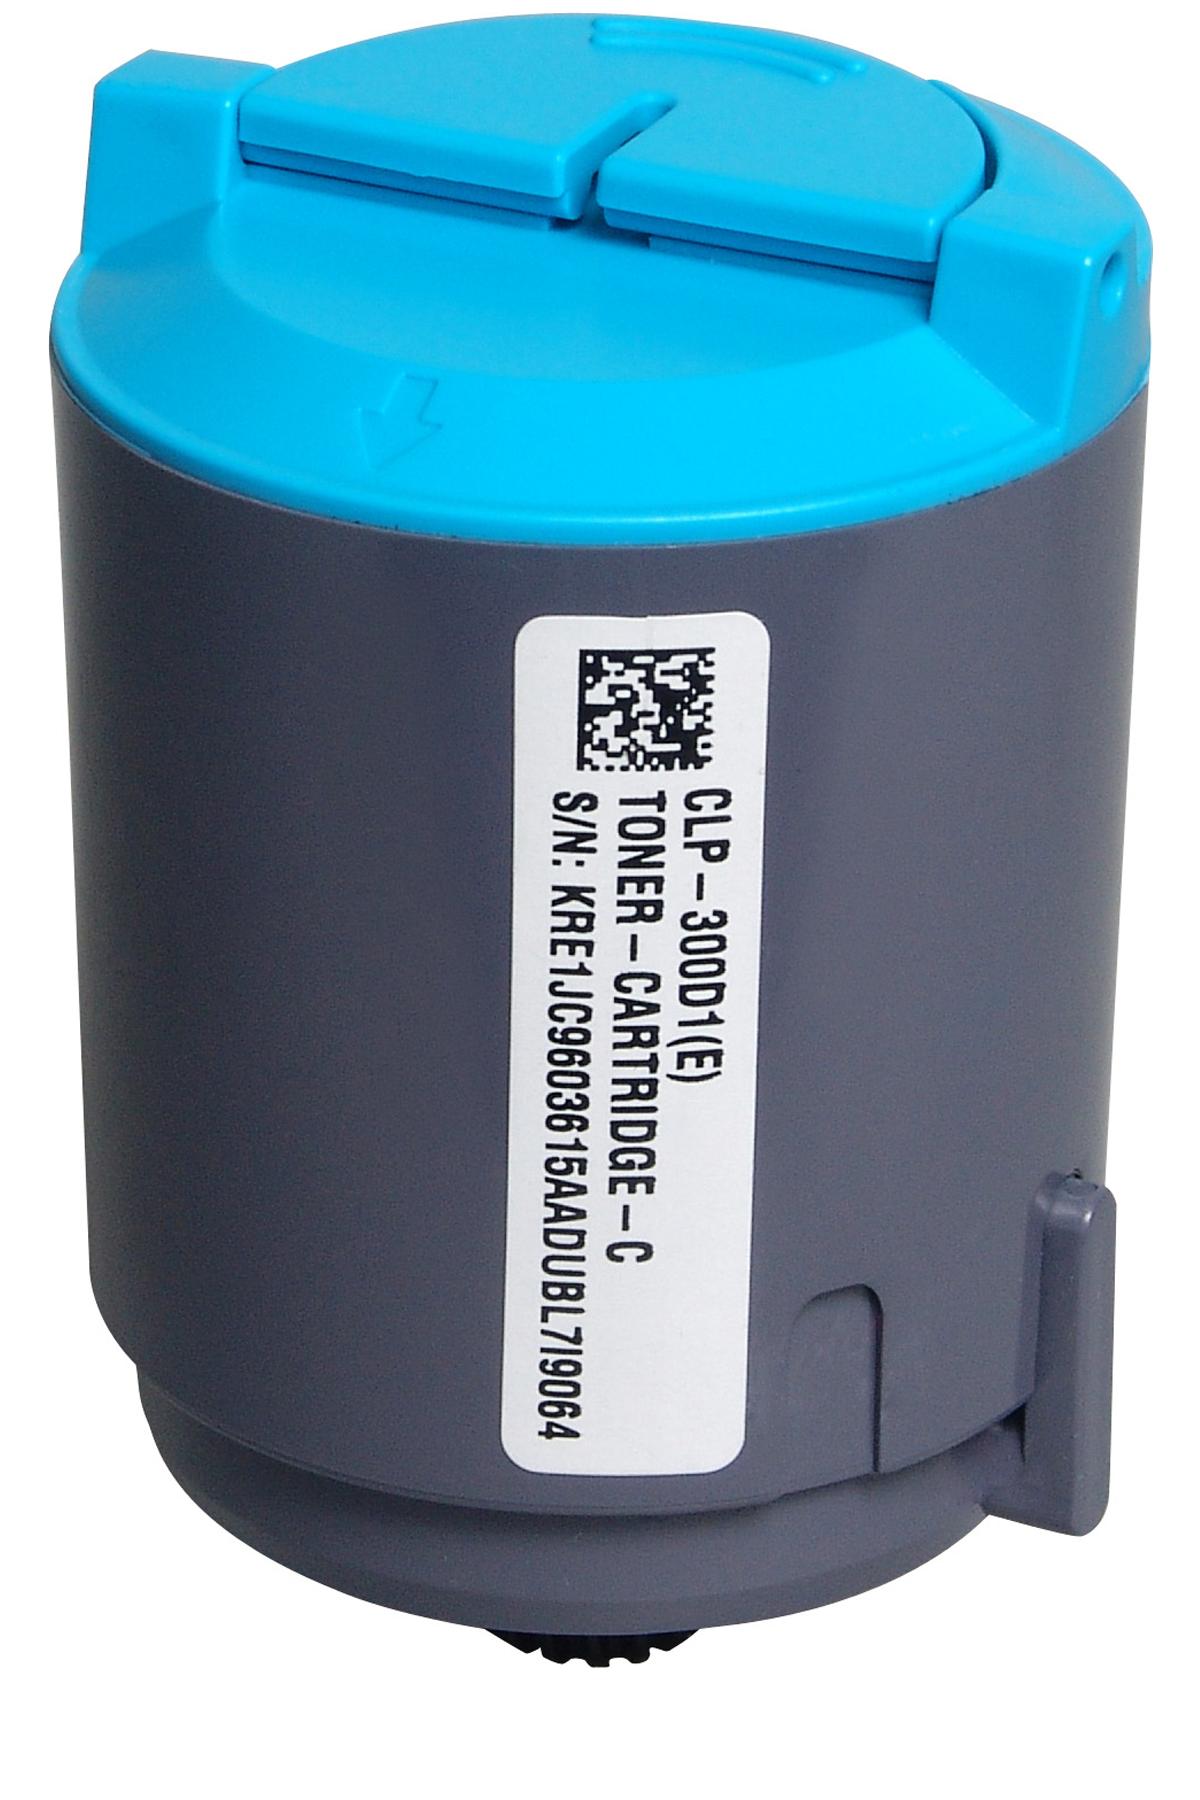 Sort Lasertoner CLP-K300A